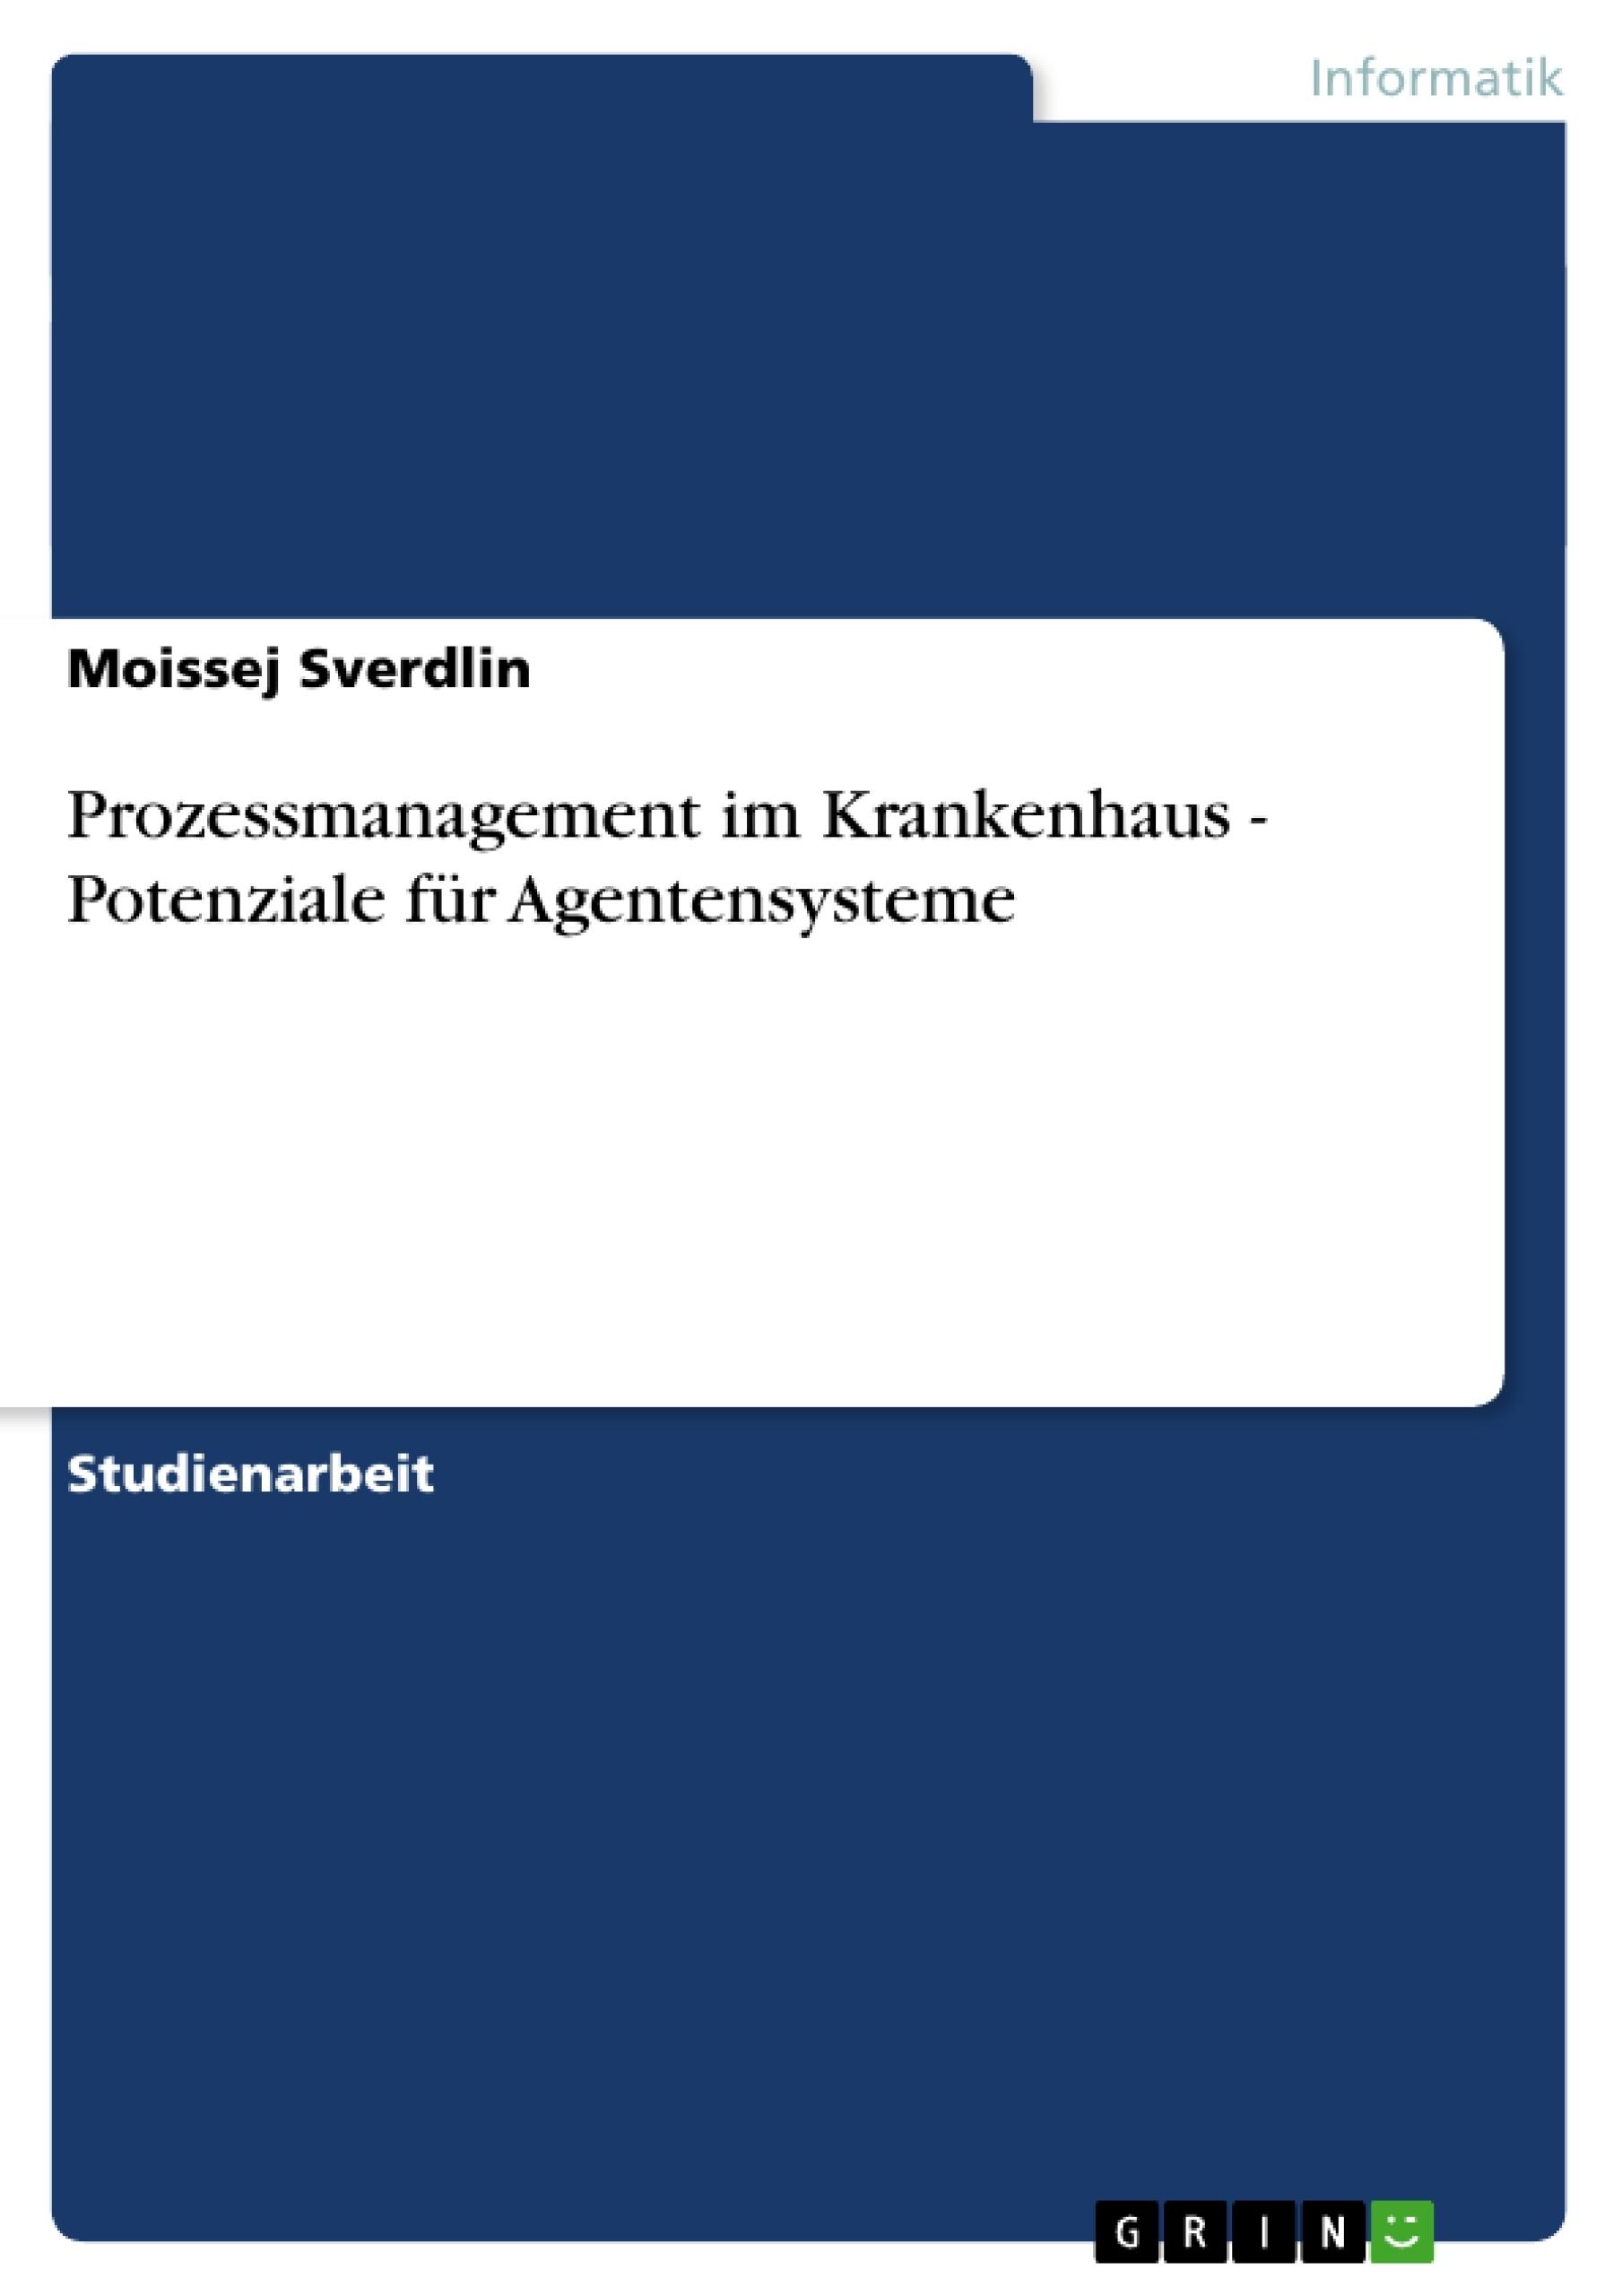 Titel: Prozessmanagement im Krankenhaus - Potenziale für Agentensysteme